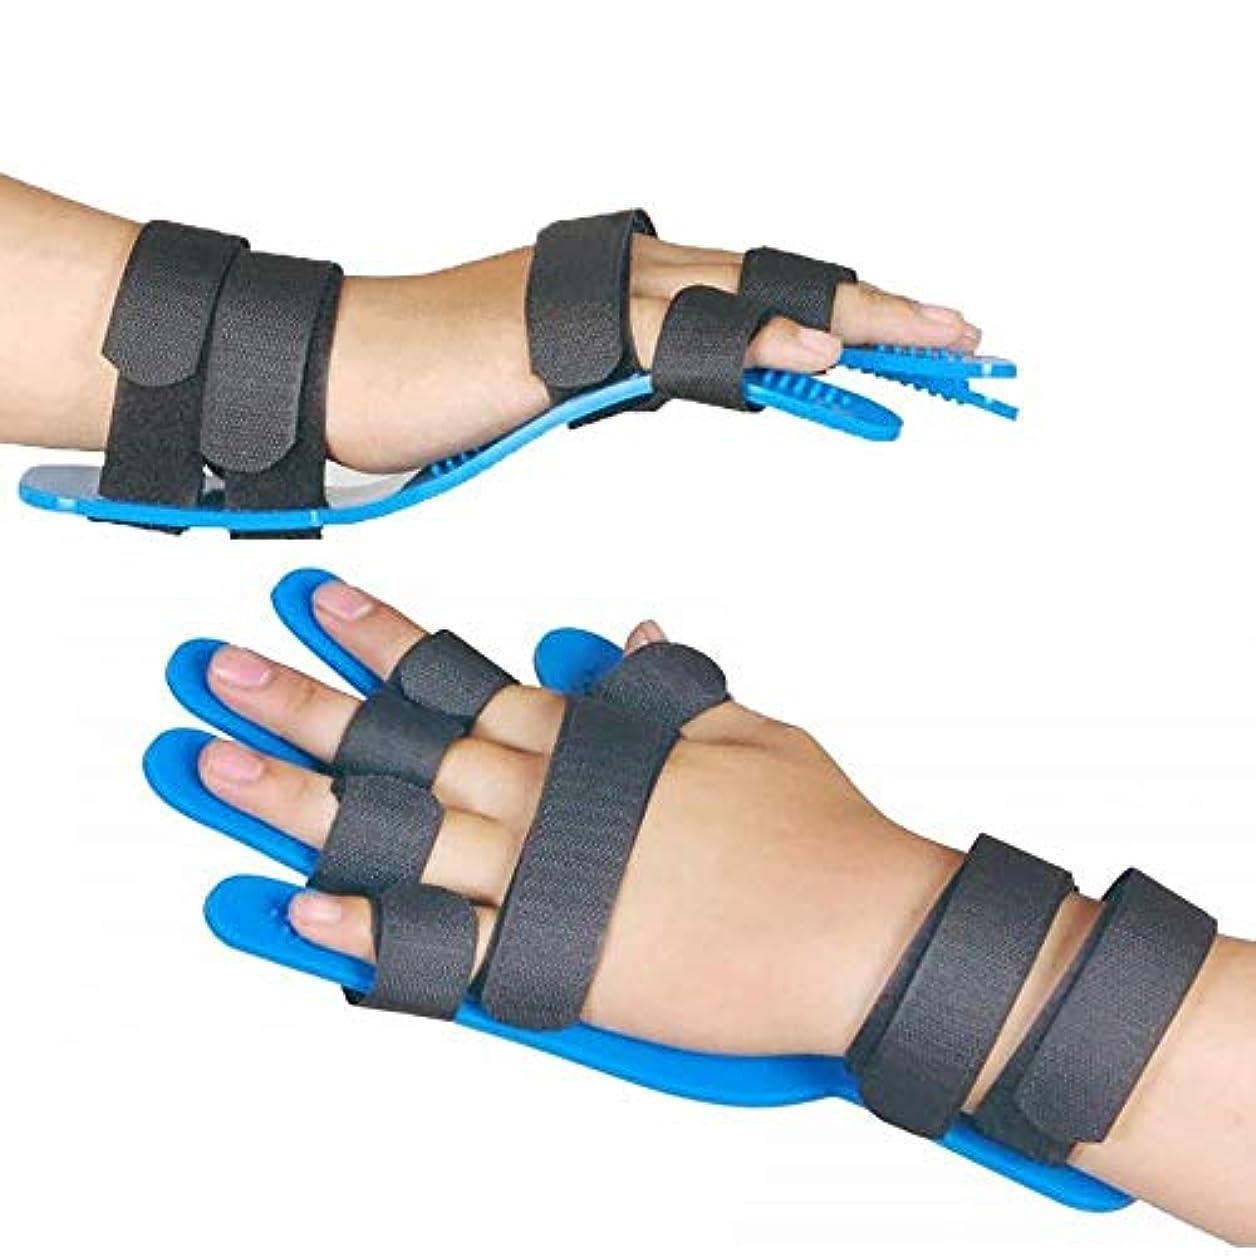 知覚的羨望混乱した指の損傷のサポート、関節炎リハビリテーションのエクササイズツール、中立手首のサポート装具のサポート,1PCS